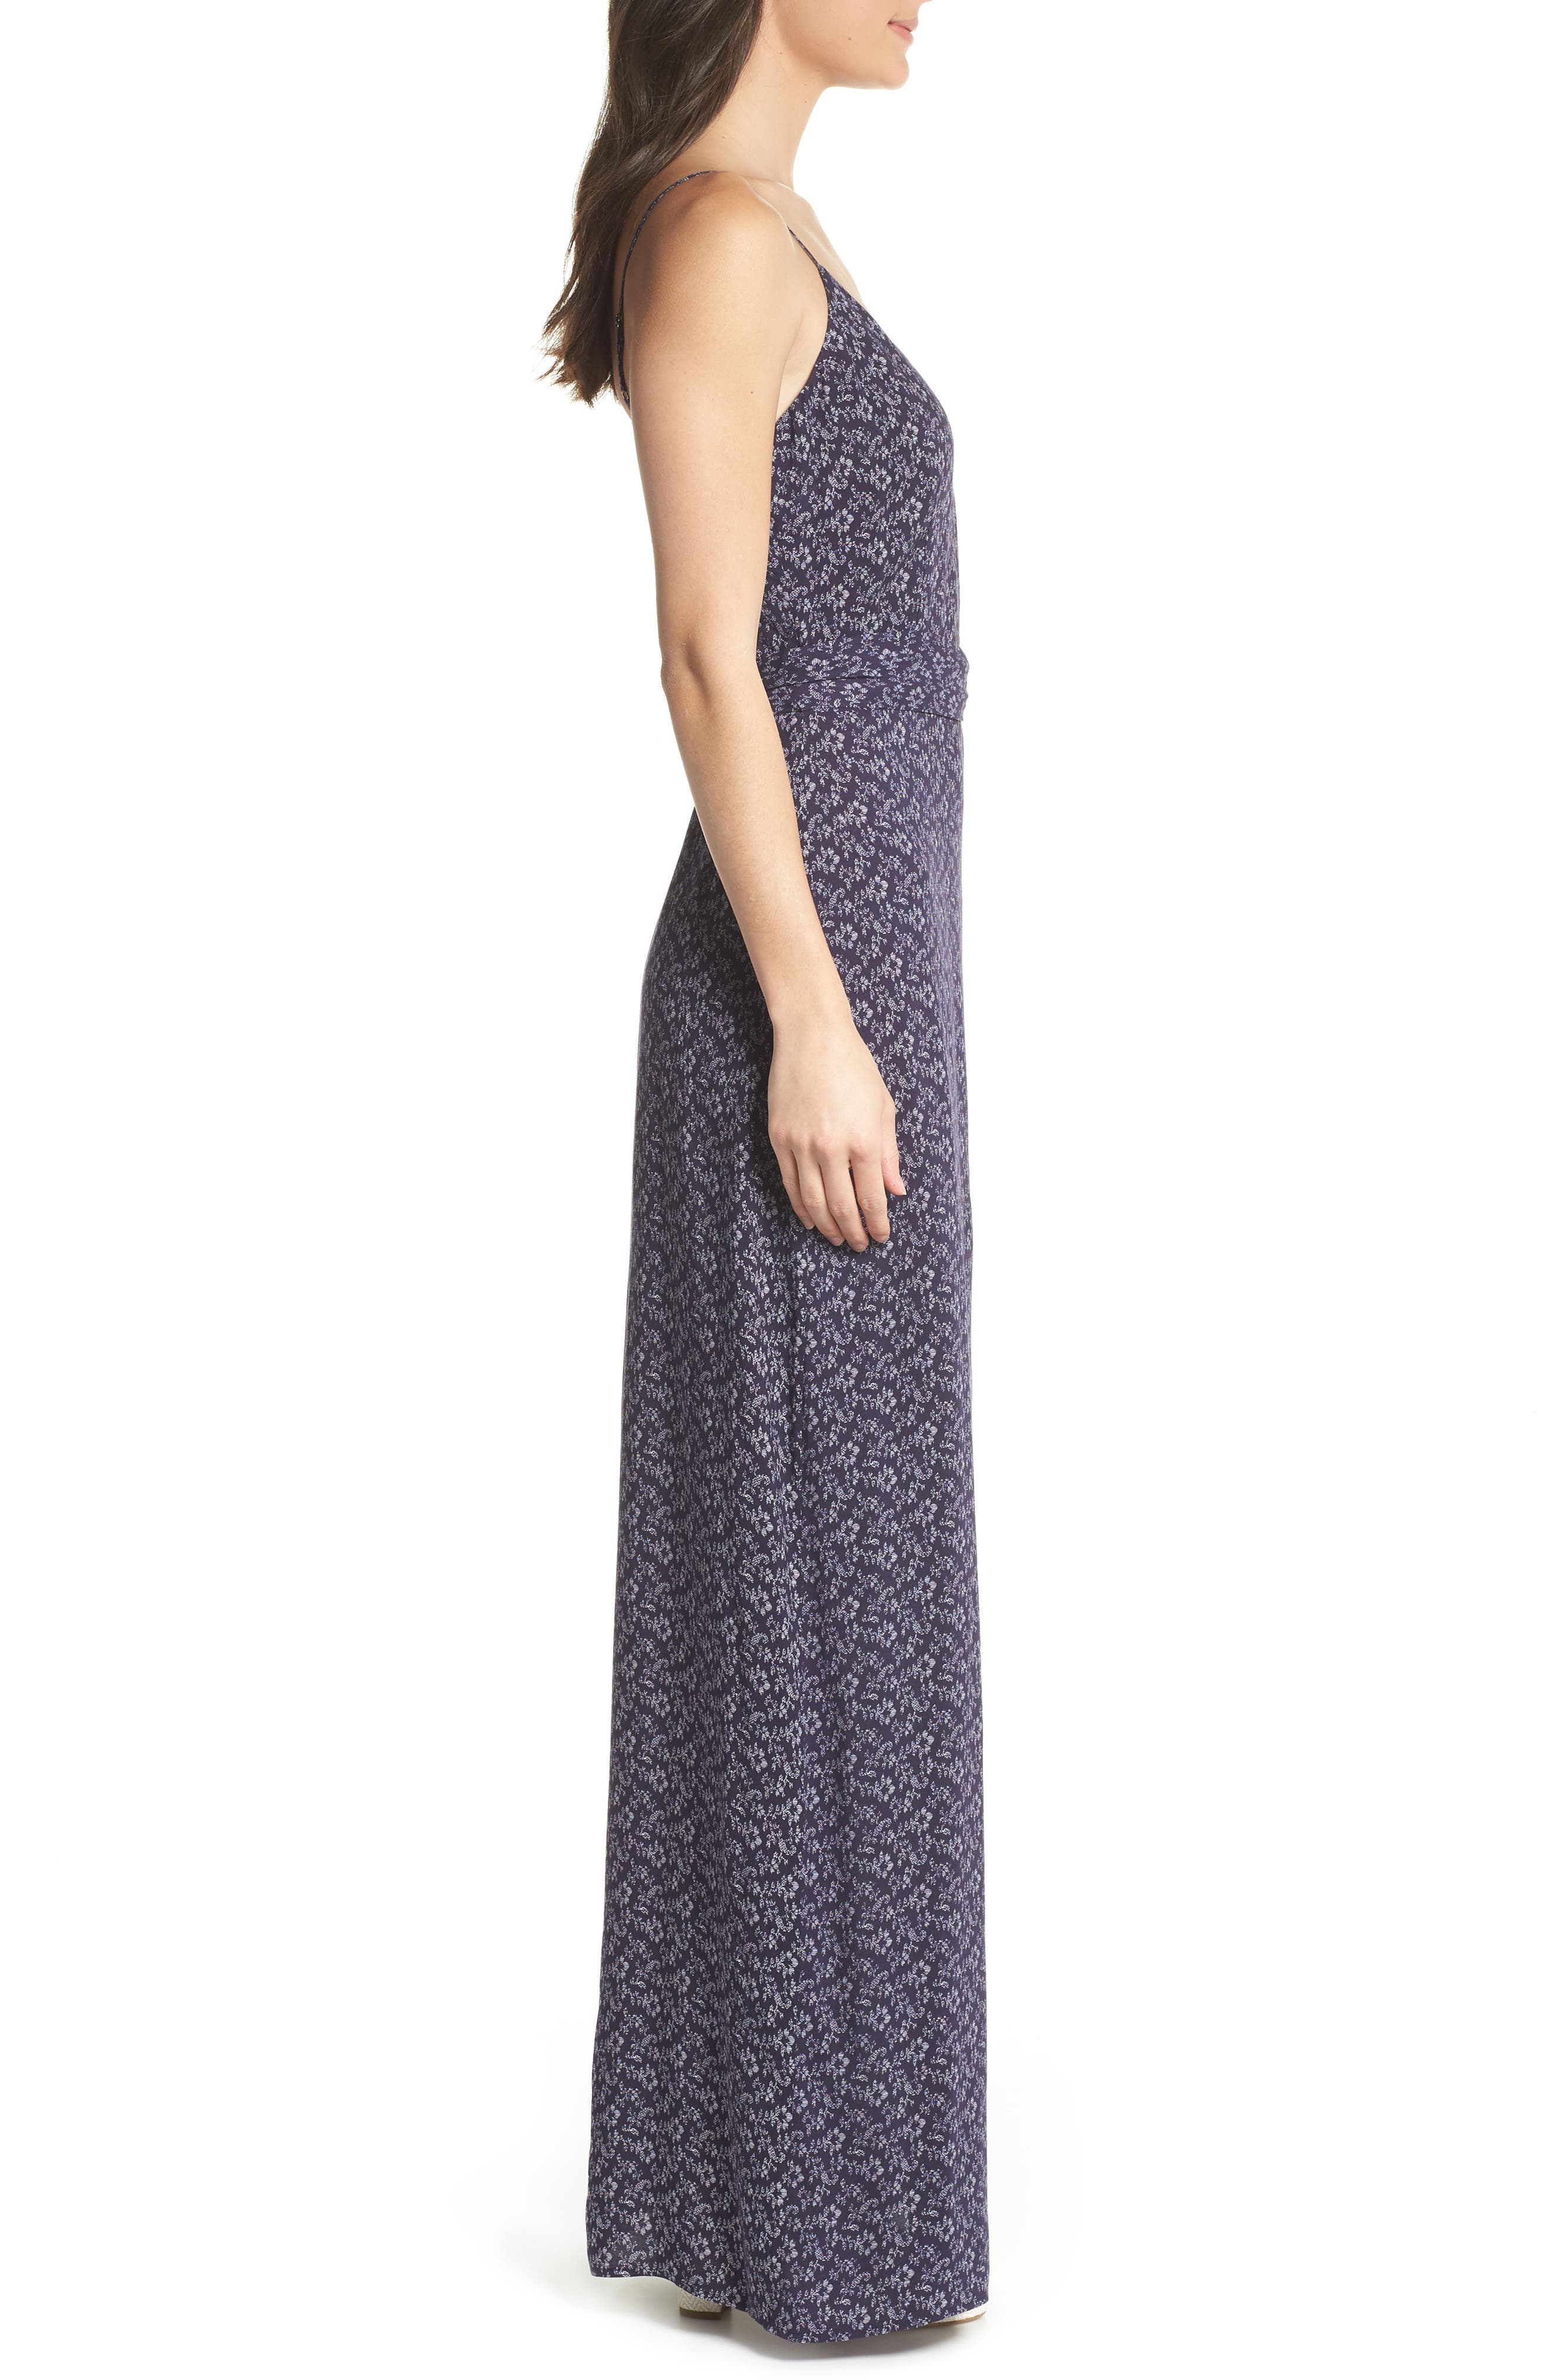 Regina Floral Print Maxi Dress,                             Alternate thumbnail 3, color,